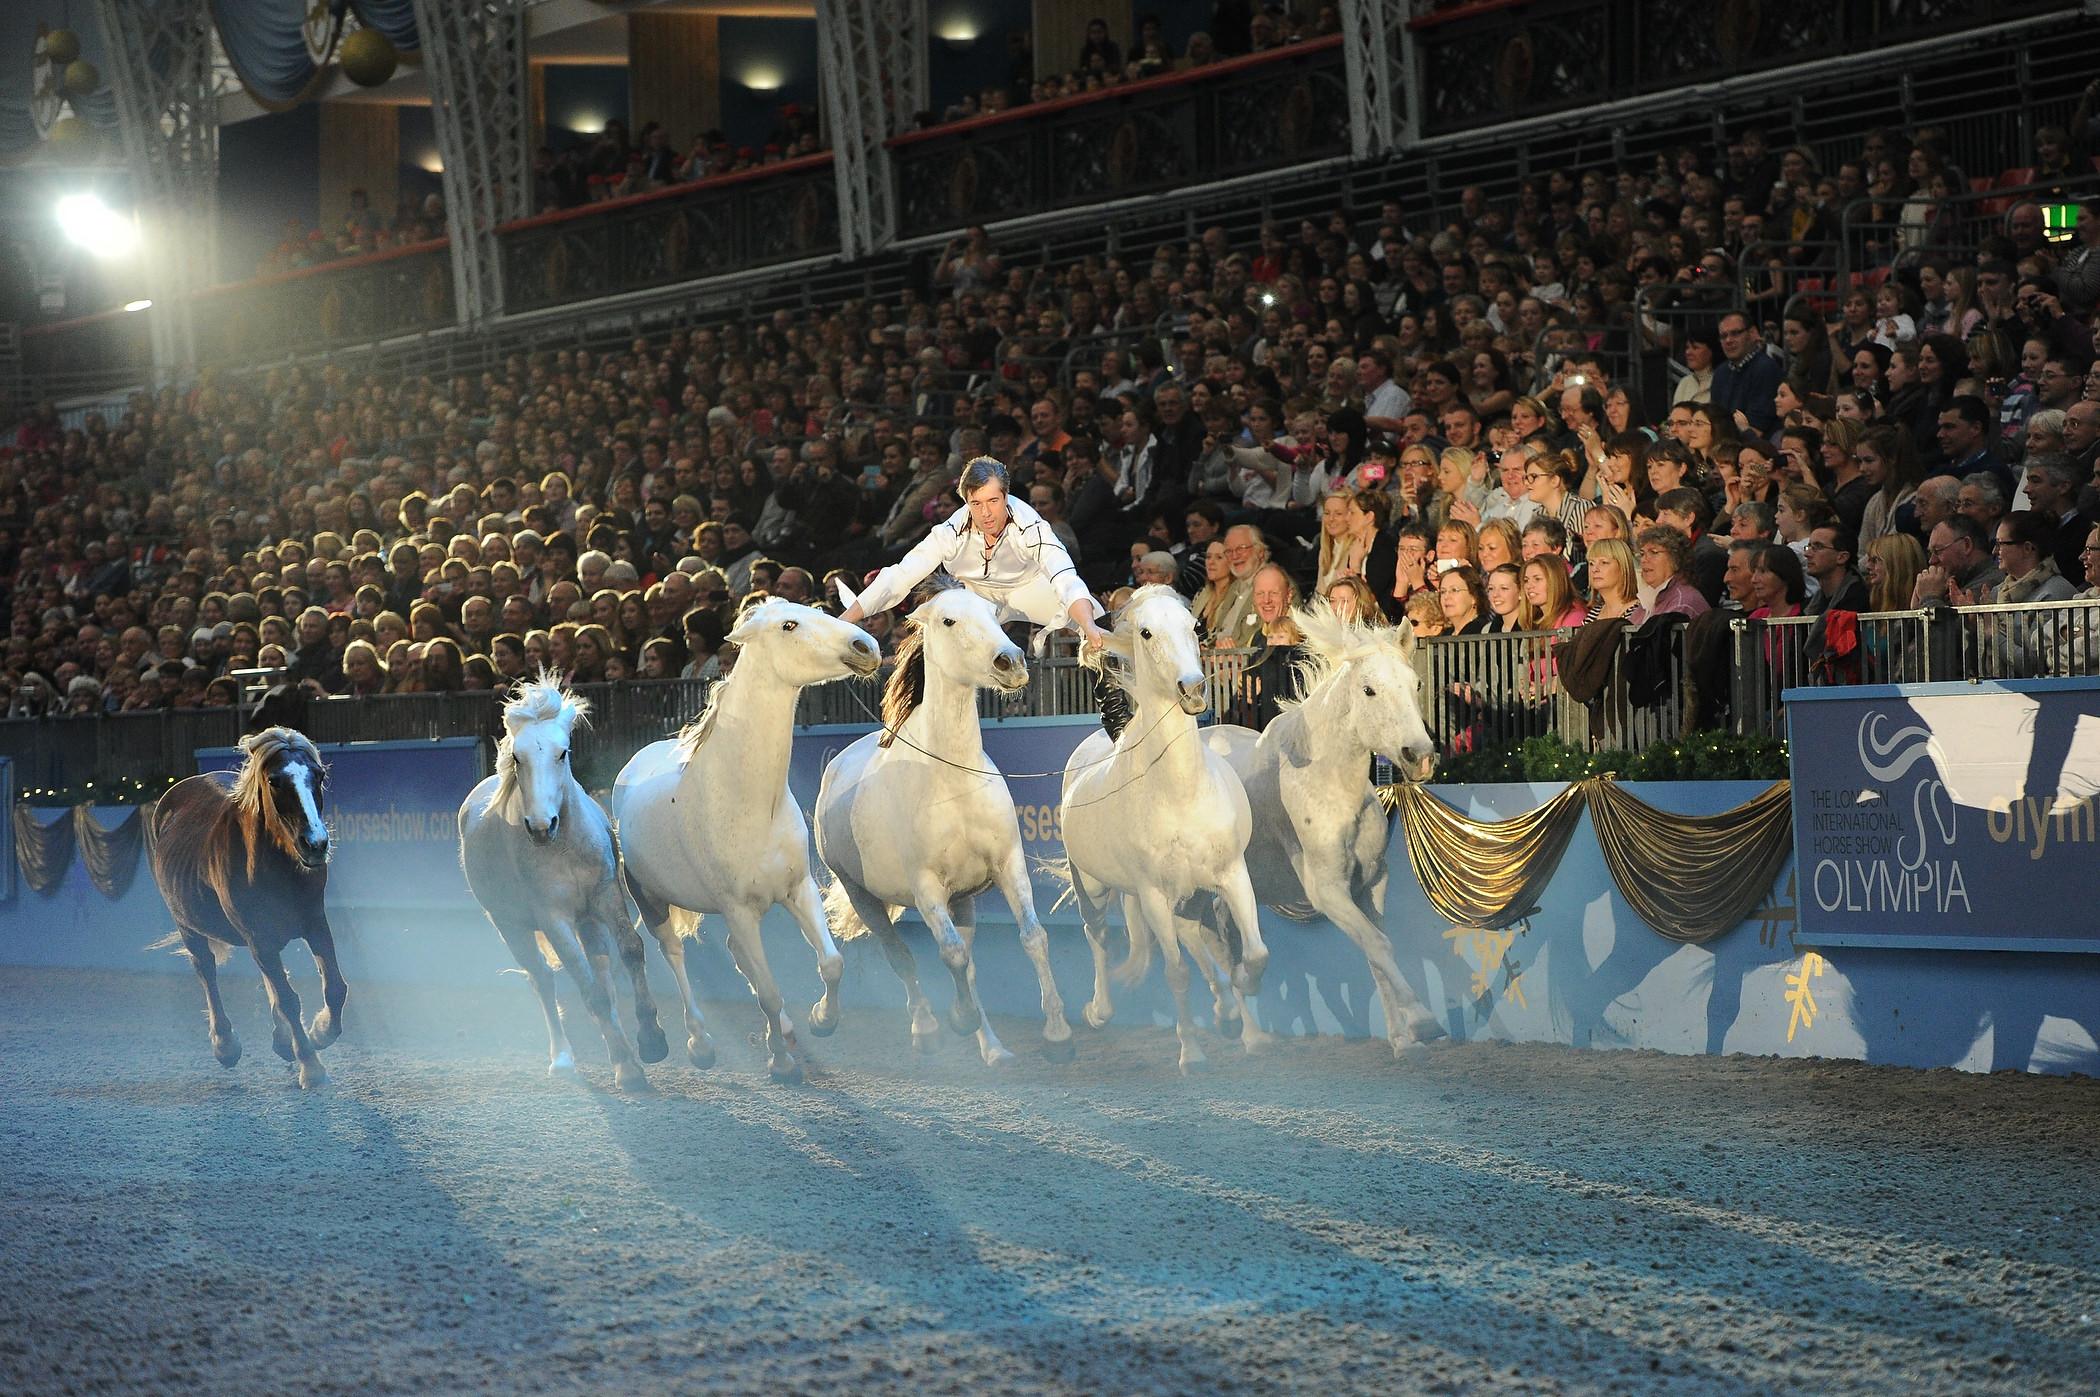 World Famous Horse Whisperer To Headline Olympia